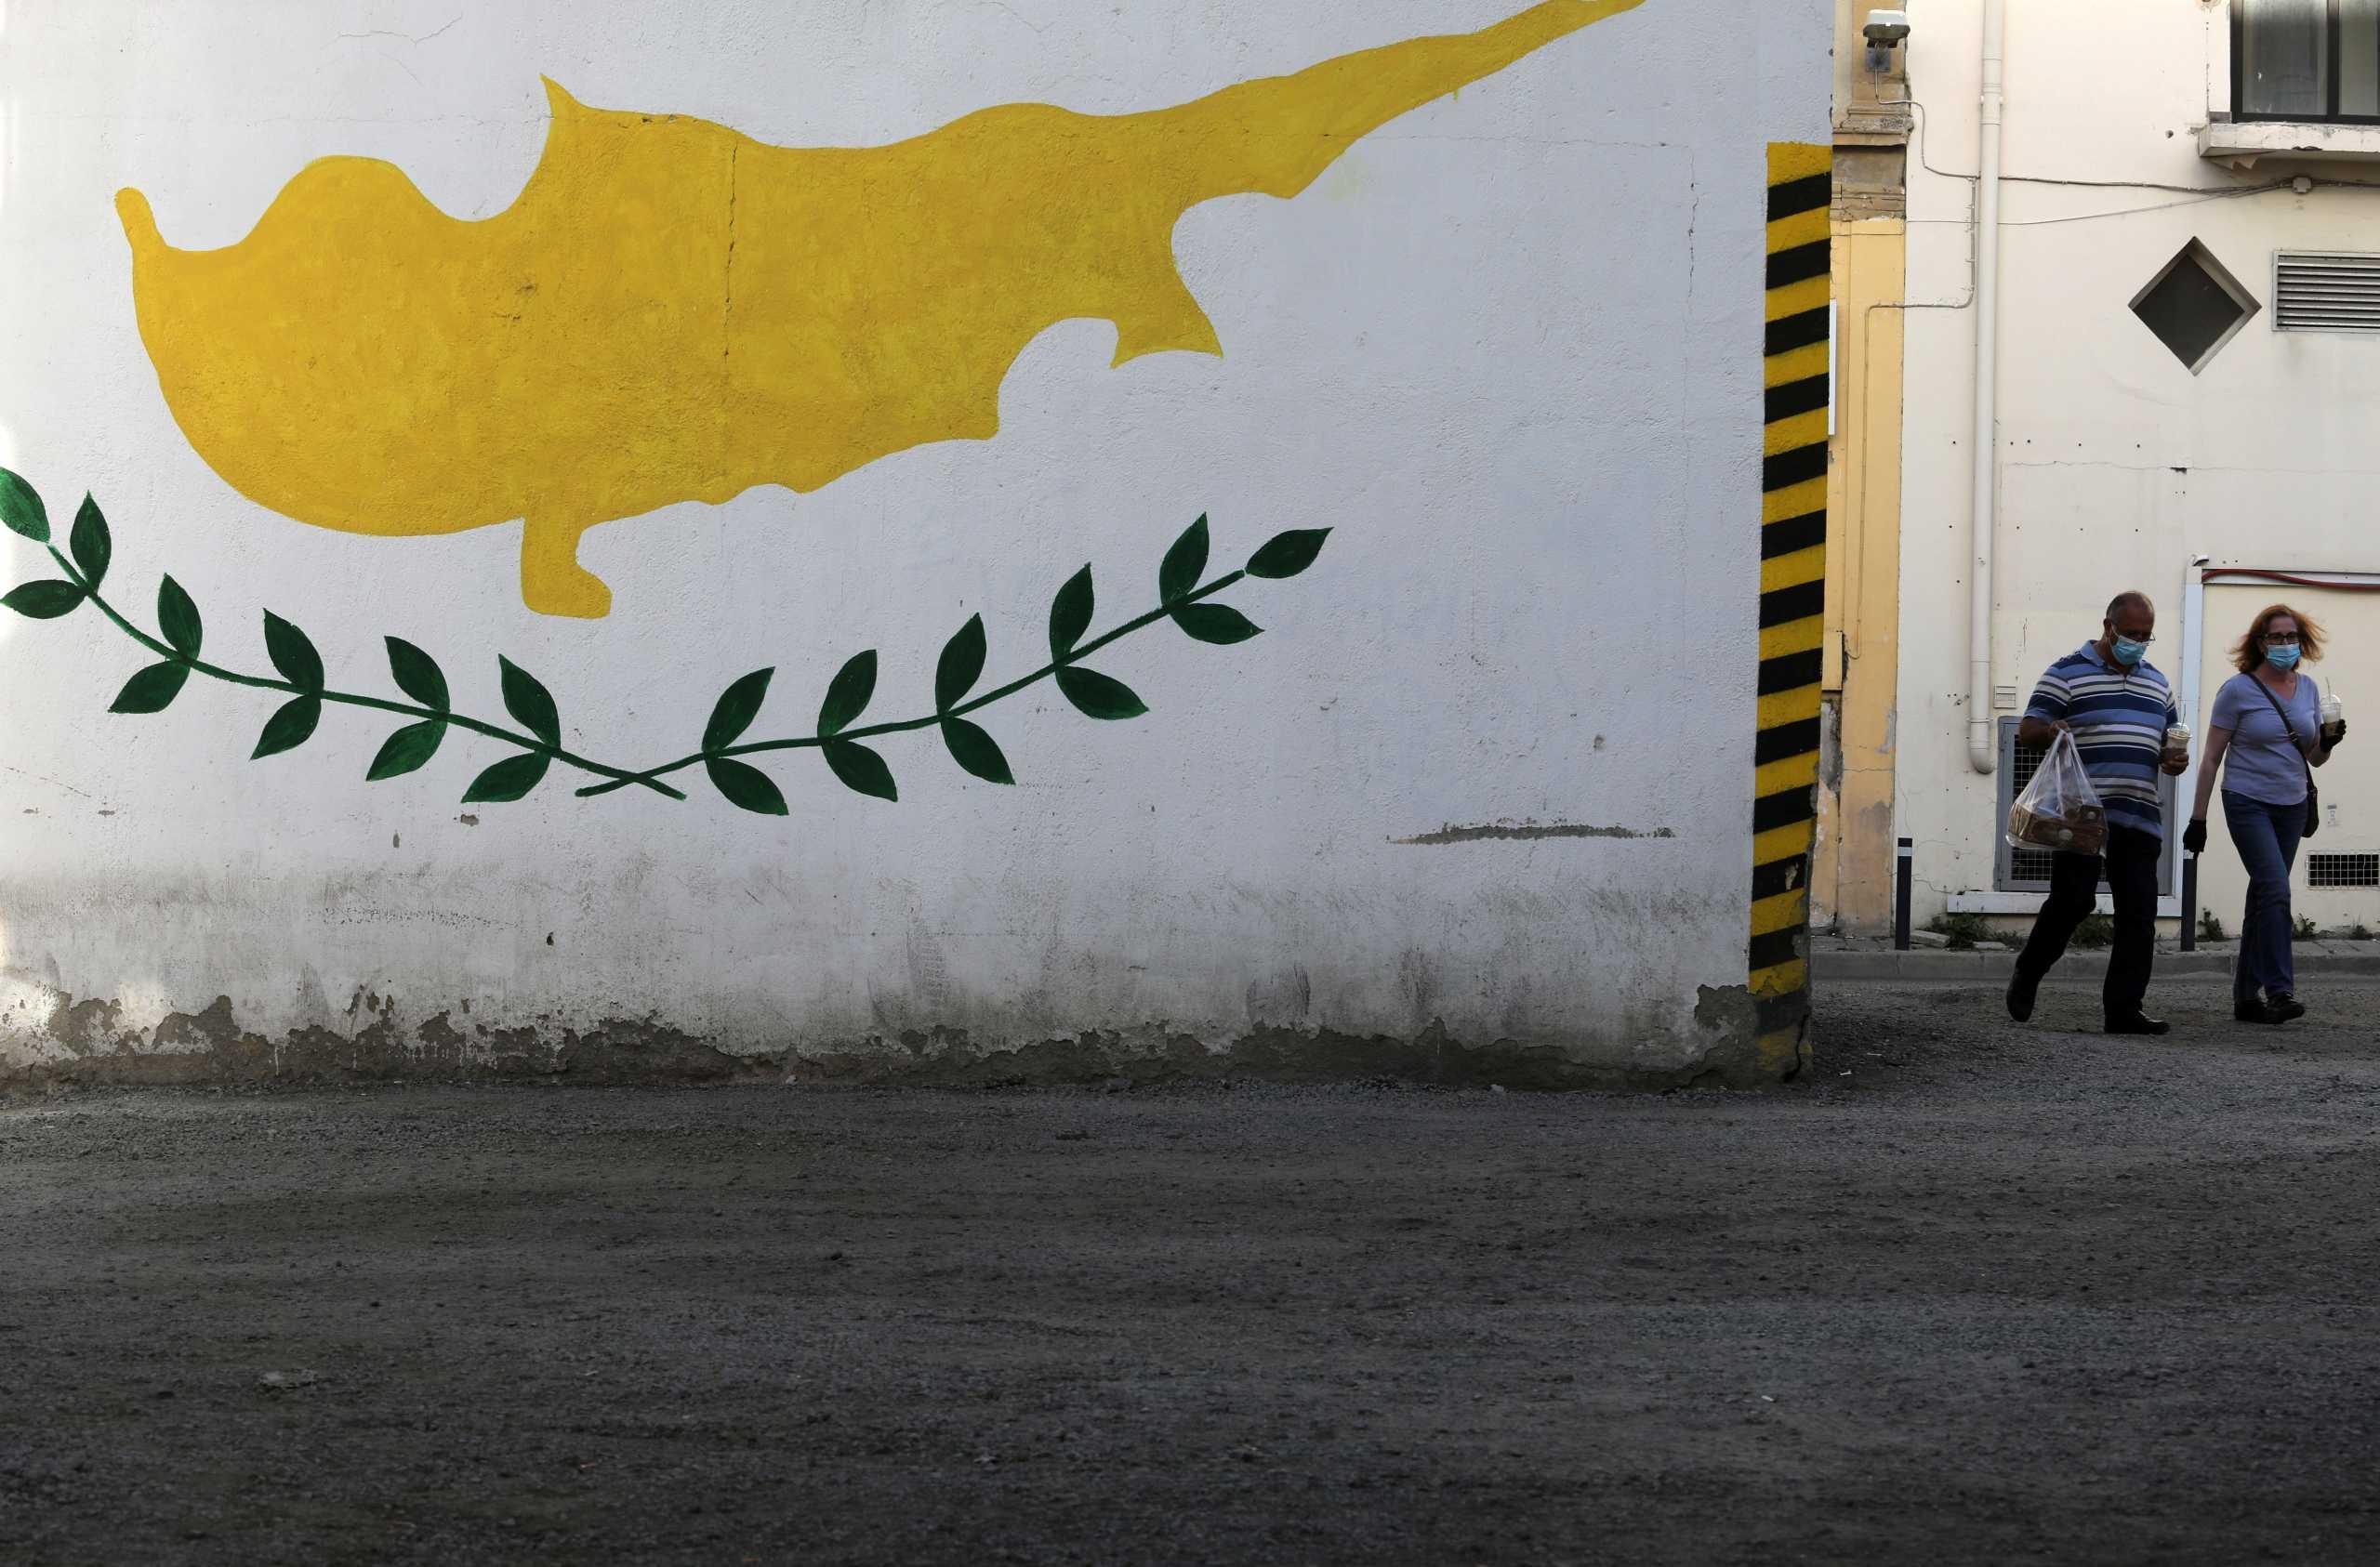 Κορονοϊός - Κύπρος: Μόνο στους πλήρως εμβολιασμένους το Safe Pass από 18 Οκτωβρίου